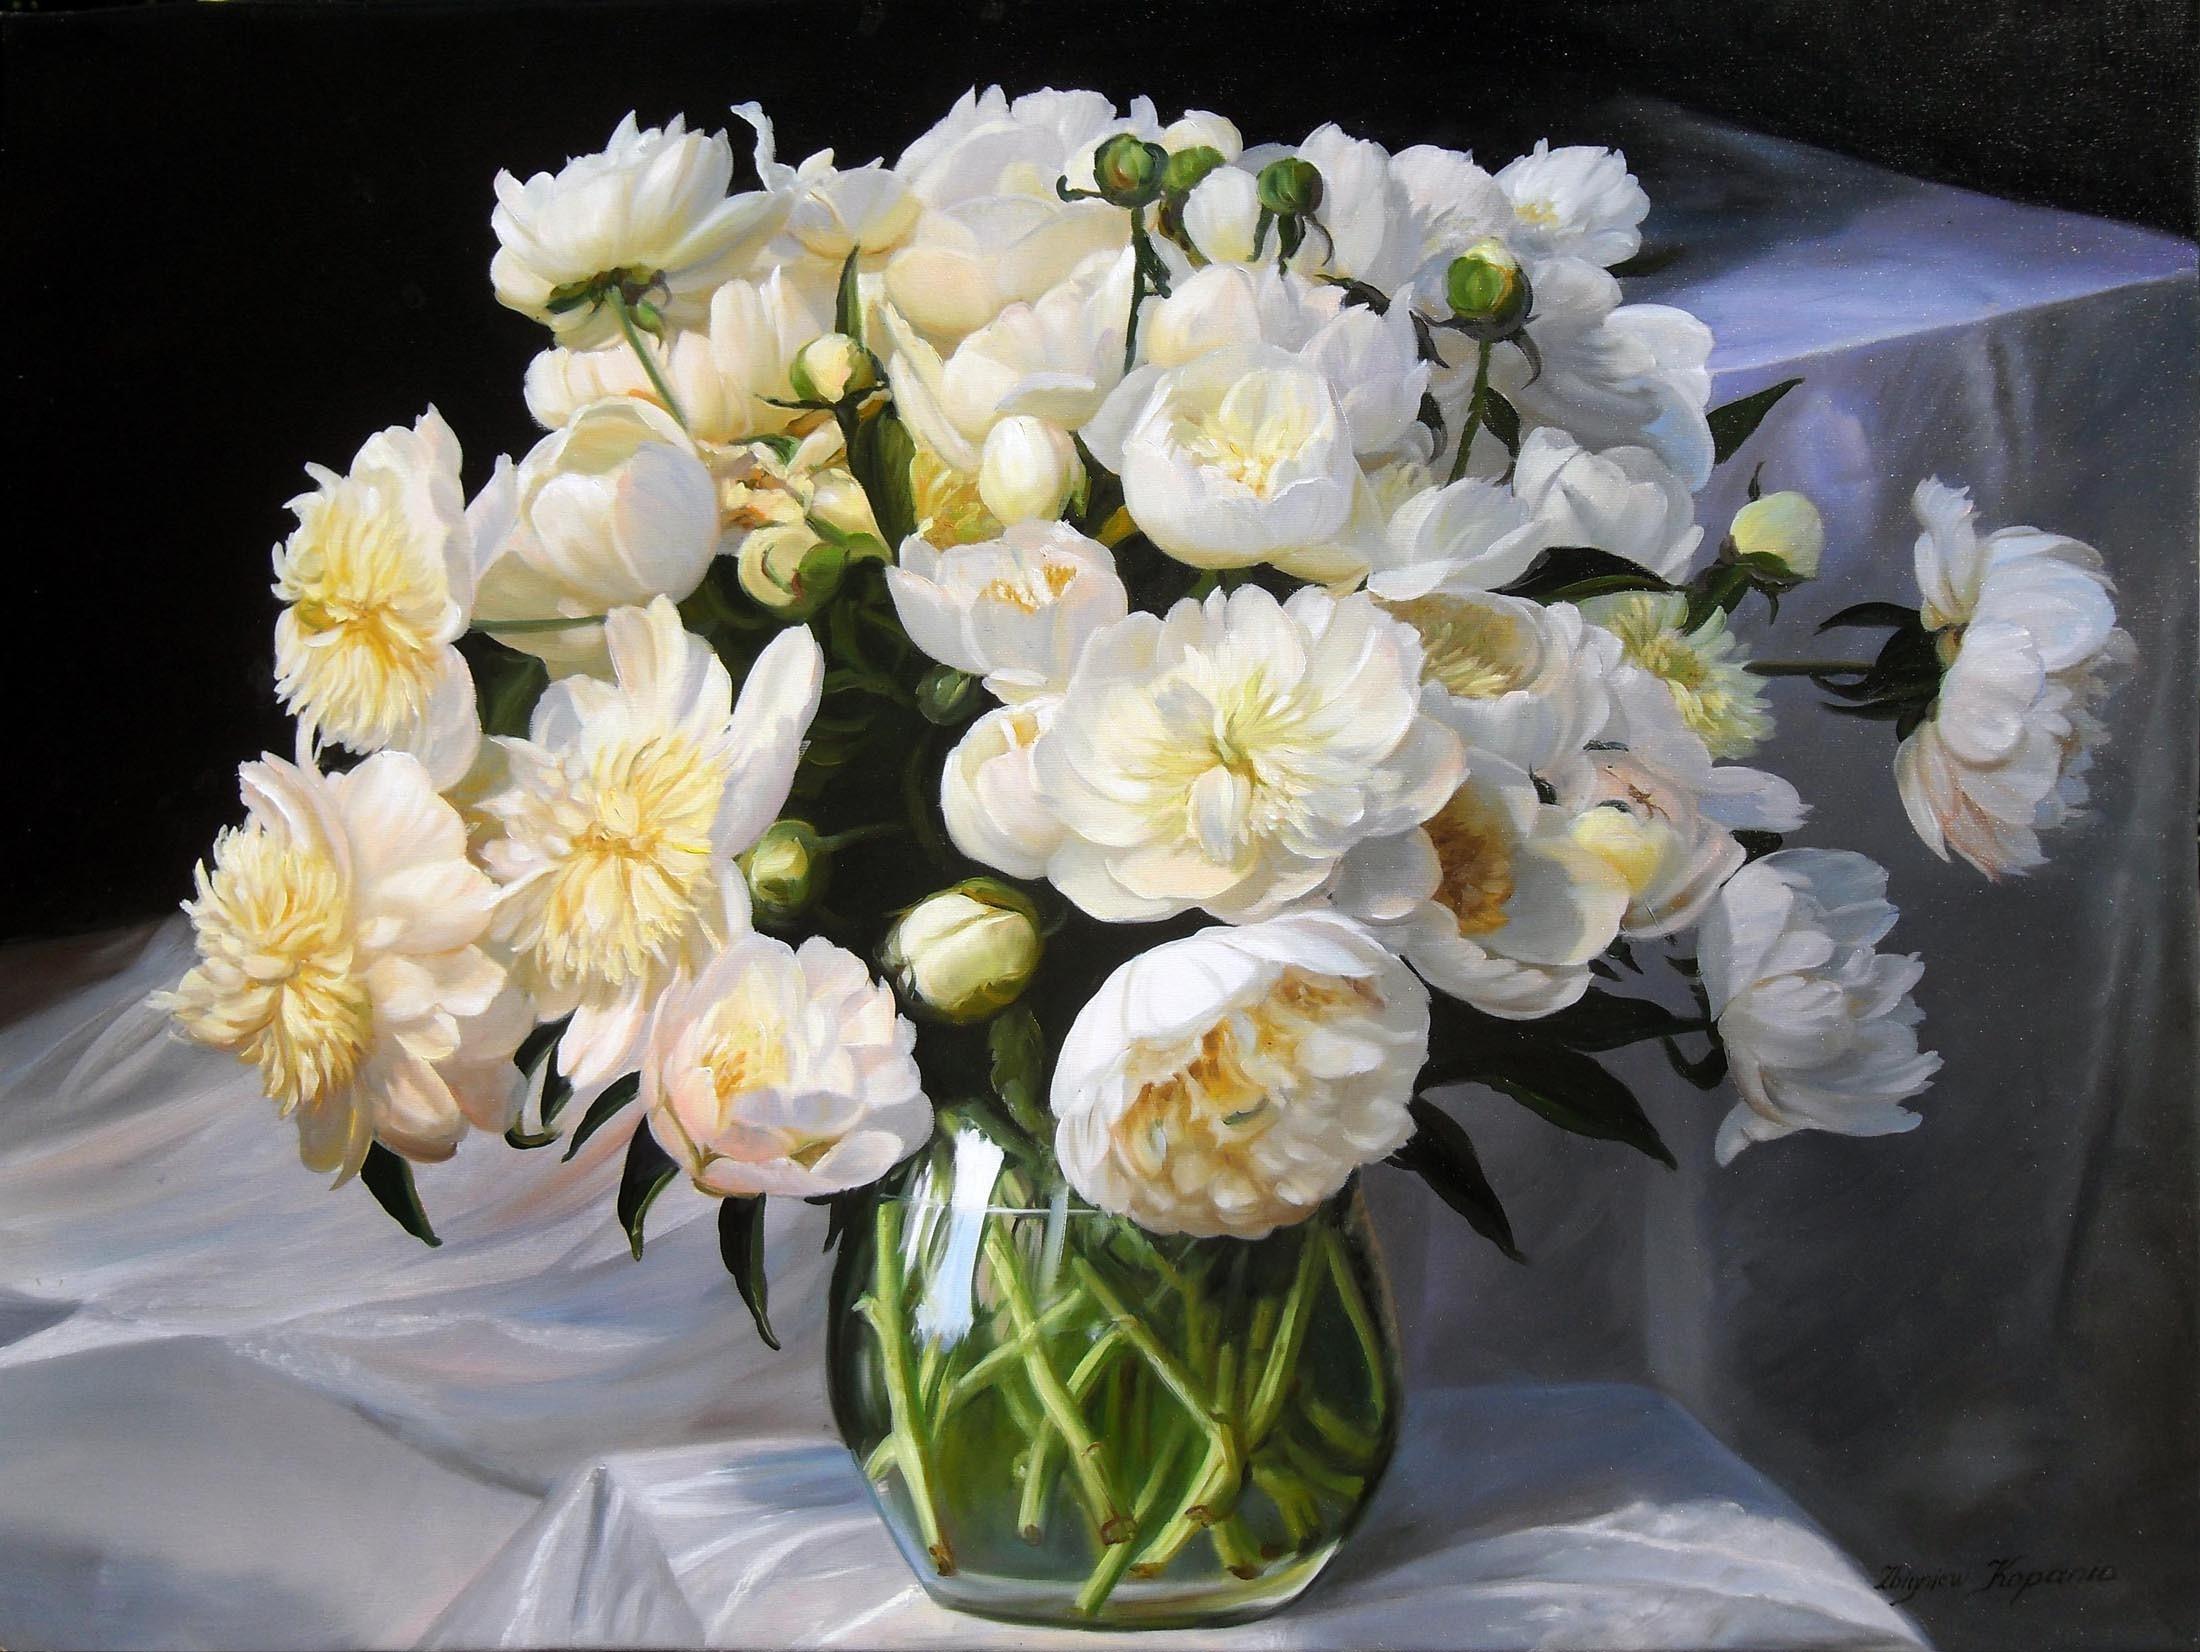 Открытки с букетами цветов в вазе